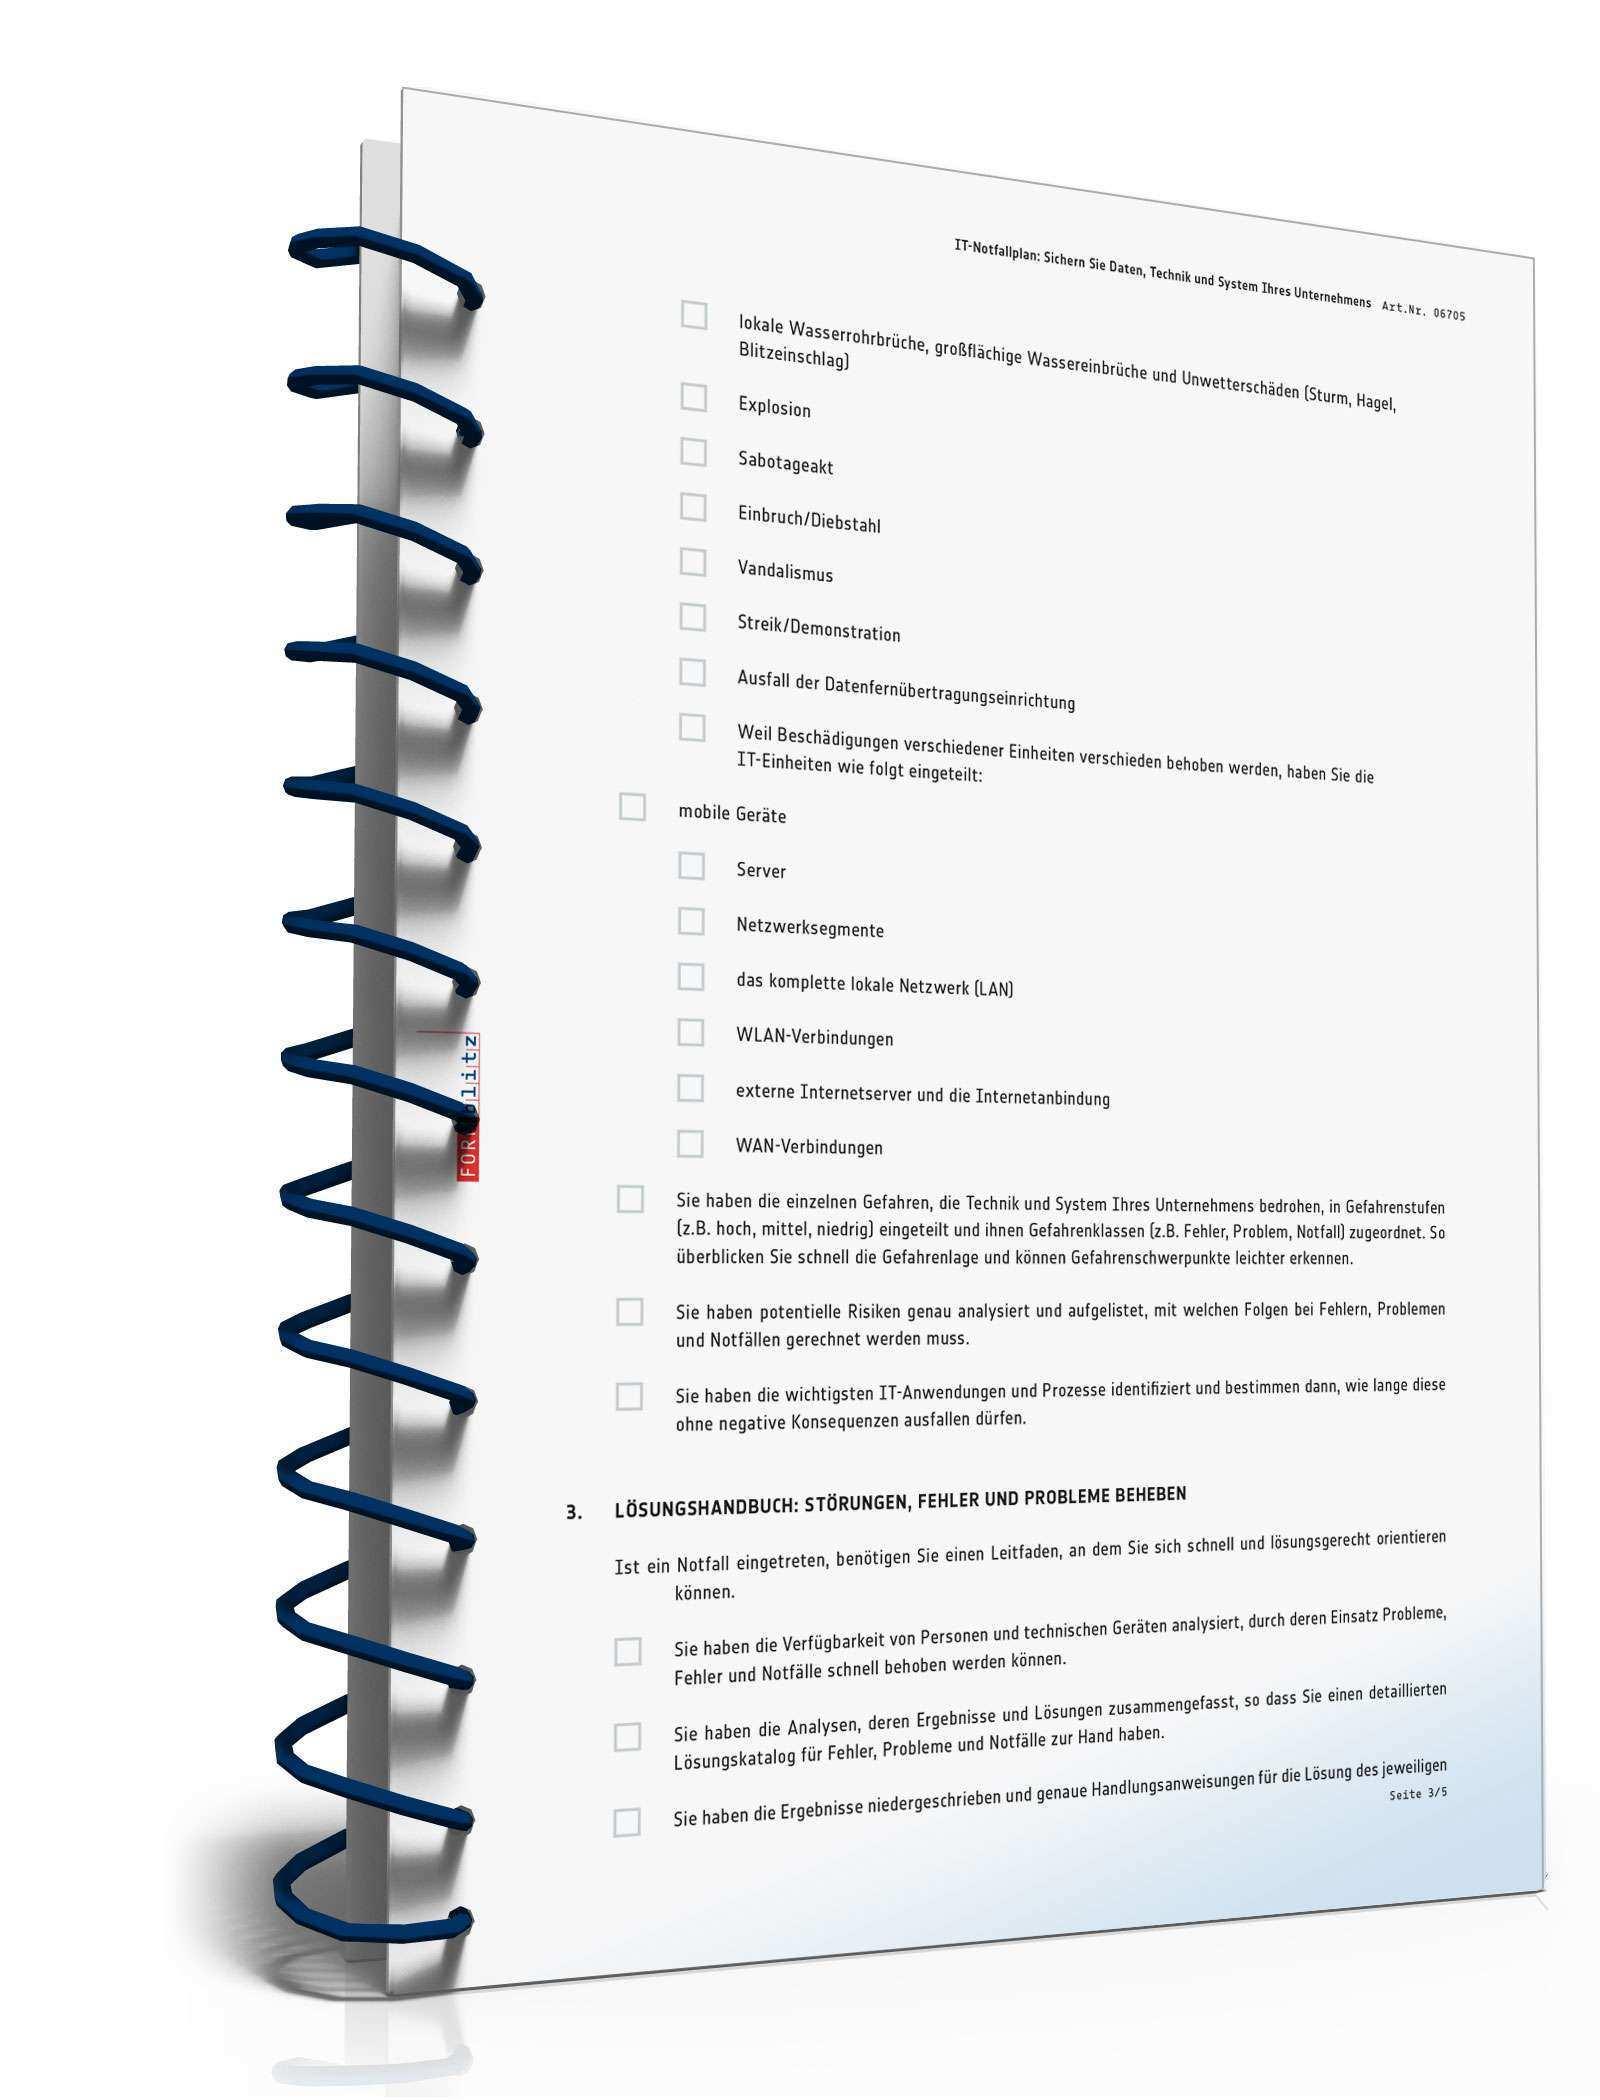 Checkliste It Notfallplan Muster Zum Download